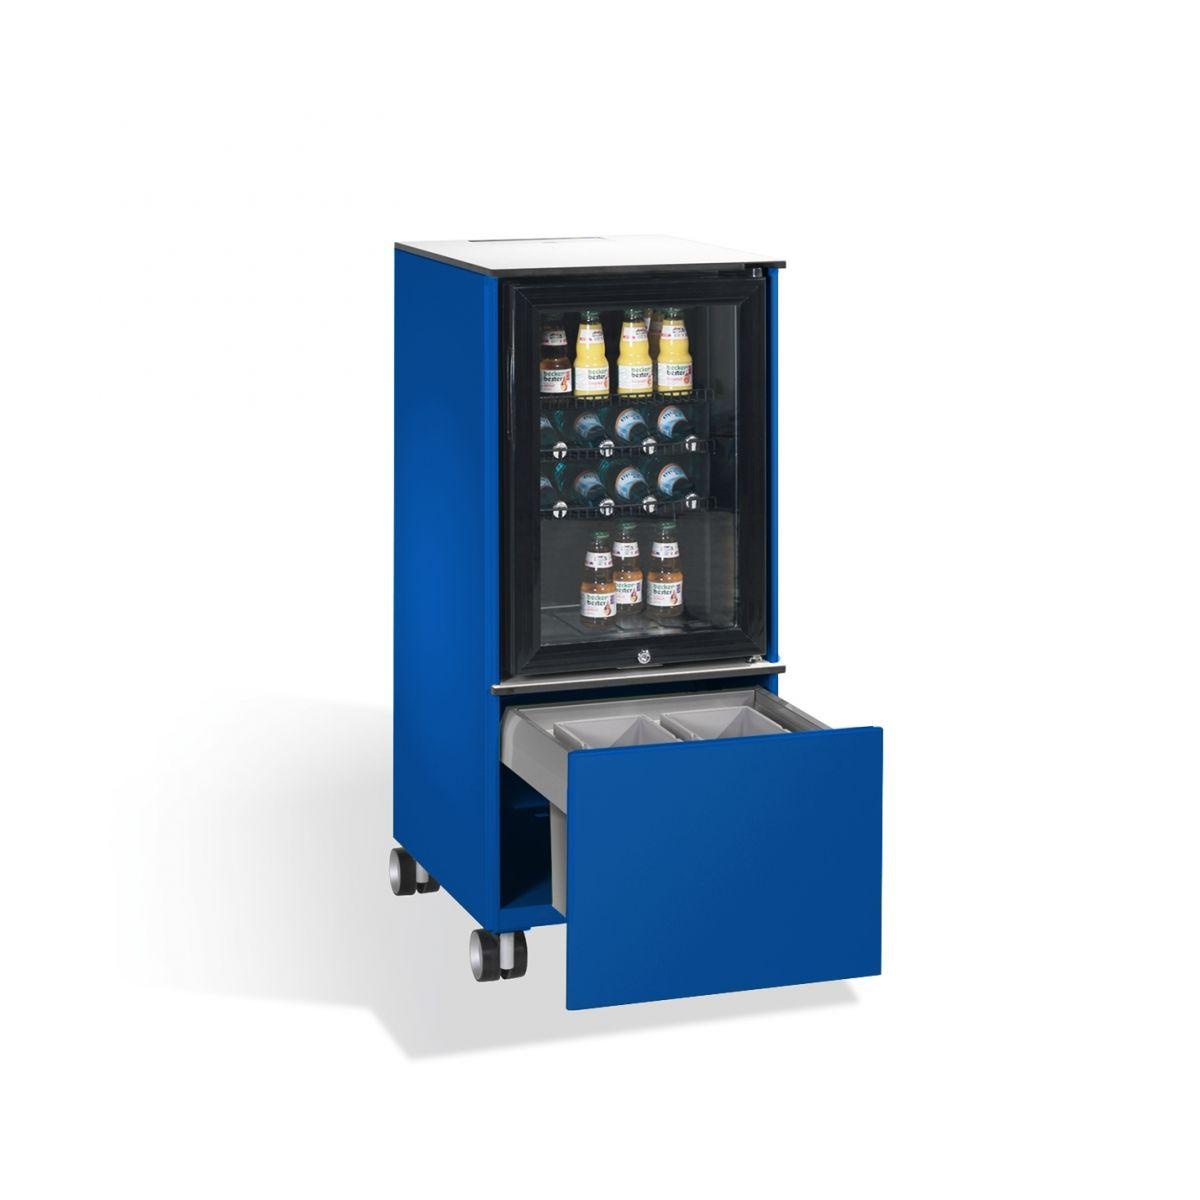 Kühlschrank Caddy mit Abfallsammler RAL 5010 enzianblau